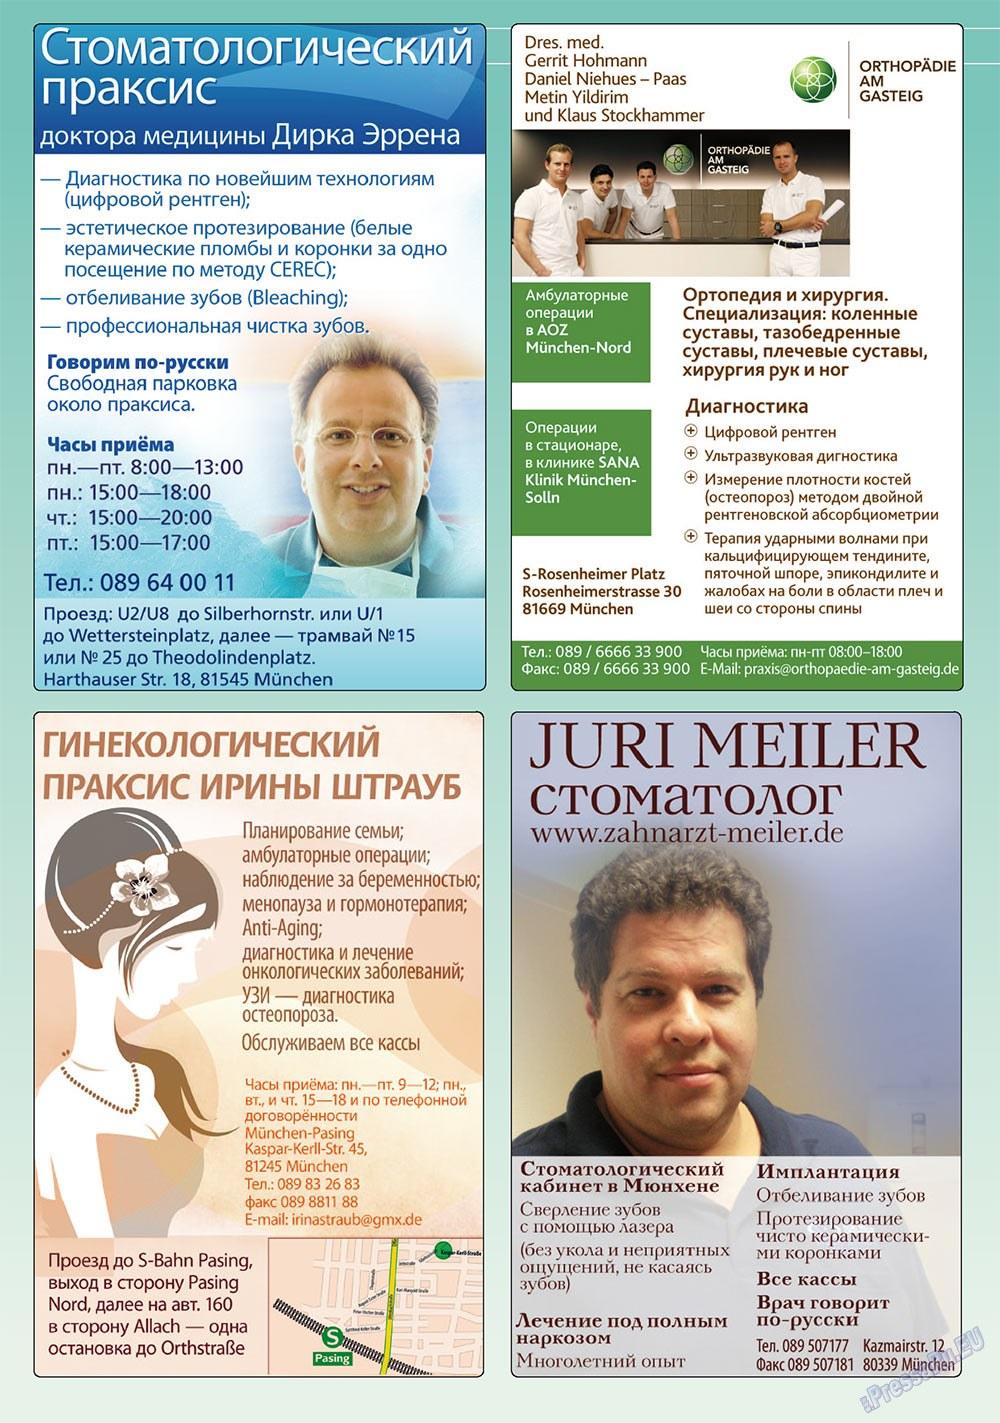 Апельсин (журнал). 2011 год, номер 21, стр. 35